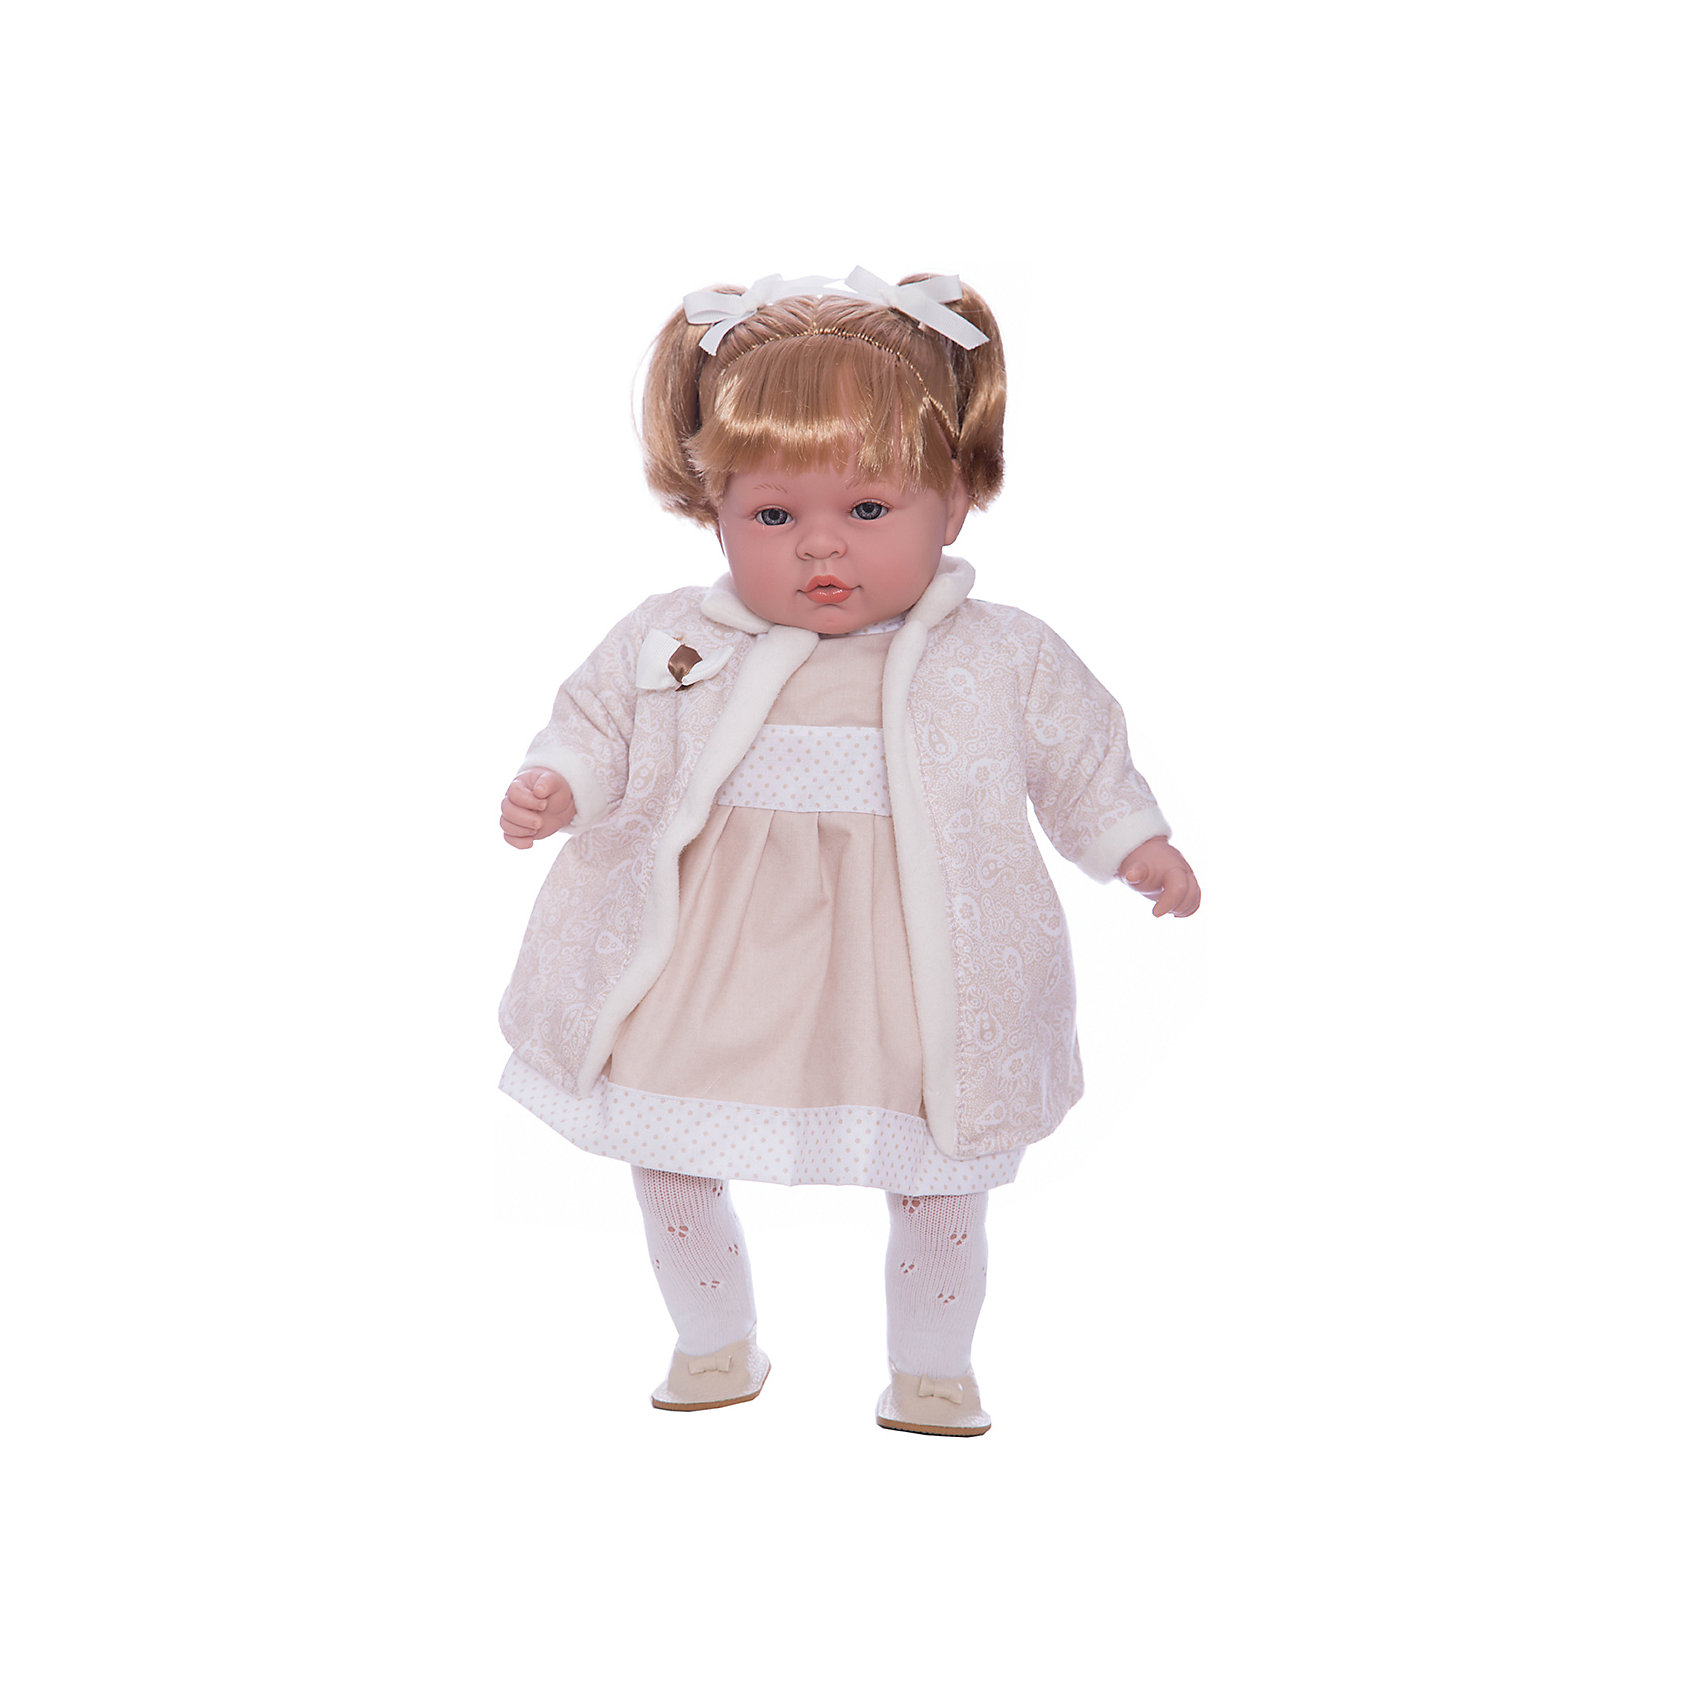 Кукла Elegance в белом платье, пальто и шапочке, 45 см, смеется, AriasИнтерактивные куклы<br>Характеристики:<br><br>• Вид игр: сюжетно-ролевые<br>• Пол: для девочек<br>• Коллекция: Elegance<br>• Материал: винил, текстиль, нейлон<br>• Длина куклы: 45 см<br>• Комплектация: кукла, платье, пальто, шапка, колготки, туфли <br>• Подвижные ручки и ножки <br>• Умеет смеяться<br>• Батарейки: 3 x AG13 / LR44 (предусмотрены в комплекте)<br>• Вес в упаковке: 1 кг 600 г<br>• Размеры упаковки (Г*Ш*В): 32*16,5*54 см<br>• Упаковка: картонная коробка<br>• Особенности ухода: куклу можно купать, одежда – ручная стирка<br><br>Кукла Elegance в белом платье, пальто и шапочке, 45 см, смеется, Arias изготовлен известным испанским торговым предприятием Munecas, который специализируется на выпуске кукол и пупсов. Пупсы и куклы Arias с высокой степенью достоверности повторяют облик маленьких детей, благодаря мельчайшим деталям внешнего вида и одежды игрушки выглядят мило и очаровательно. Кукла выполнена из винила, у нее подвижные ручки и ножки, слегка вьющиеся светлые волосы собраны в два хвостика, четко прорисованные глаза и брови, курносый носик и пухленькие губки. Малышка одета в длинное платье бежевого цвета, ажурные колготки, на ножках у нее туфельки. Дополняют образ длинное легкое пальто и шапка. При нажатии на животик, кукла начинает смеяться. Кукла Elegance в белом платье, пальто и шапочке, 45 см, смеется, Arias идеальным подарком для девочки к любому празднику.<br><br>Куклу Elegance в белом платье, пальто и шапочке, 45 см, смеется, Arias можно купить в нашем интернет-магазине.<br><br>Ширина мм: 320<br>Глубина мм: 170<br>Высота мм: 540<br>Вес г: 1950<br>Возраст от месяцев: 36<br>Возраст до месяцев: 120<br>Пол: Женский<br>Возраст: Детский<br>SKU: 5355543